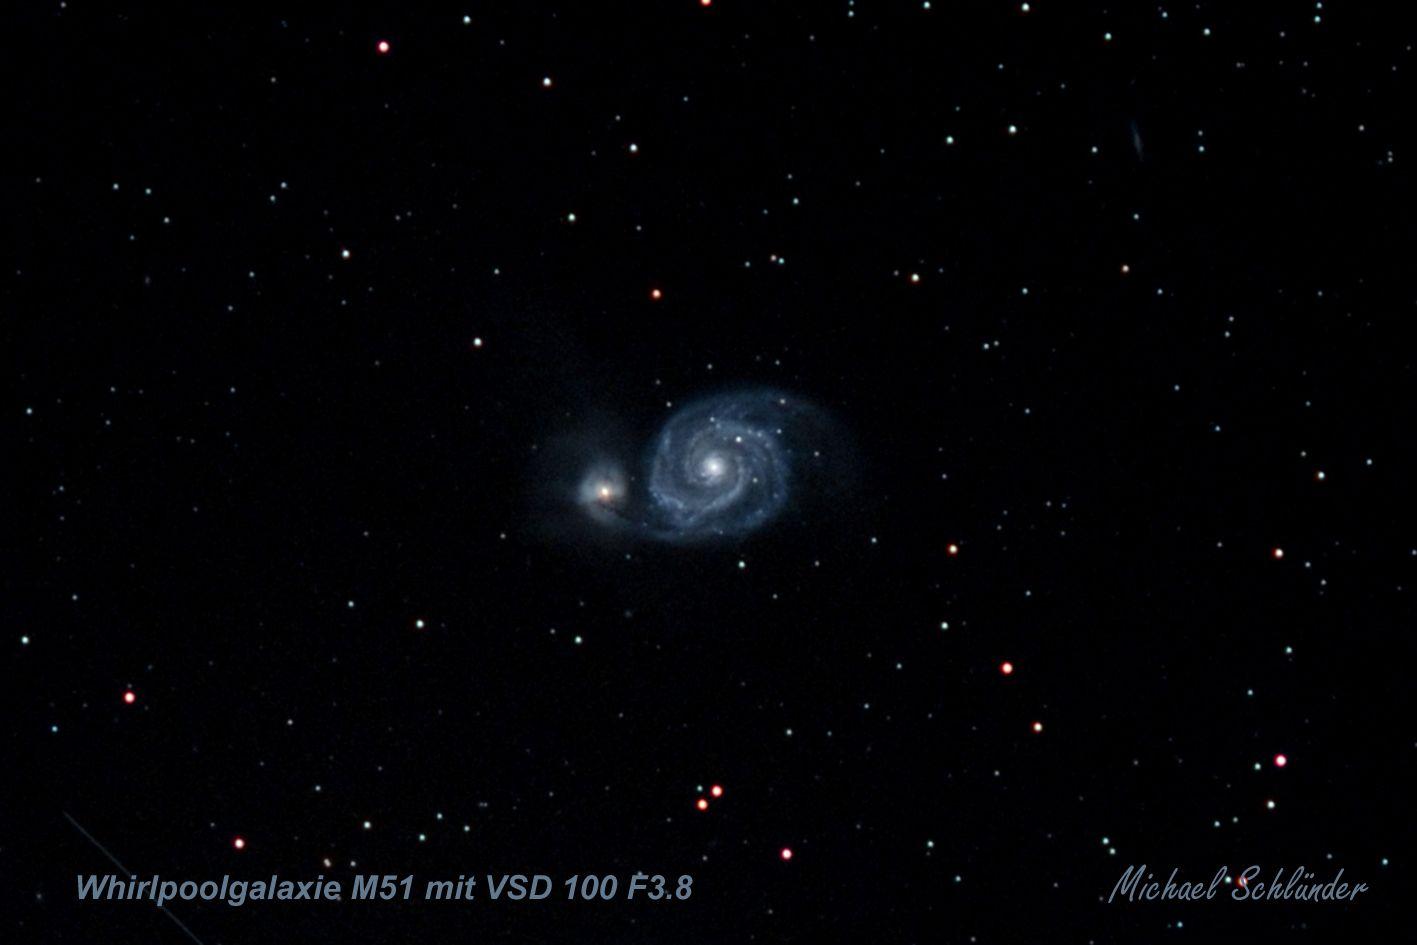 Die Strudel- oder auch Whirlpool-Galaxie